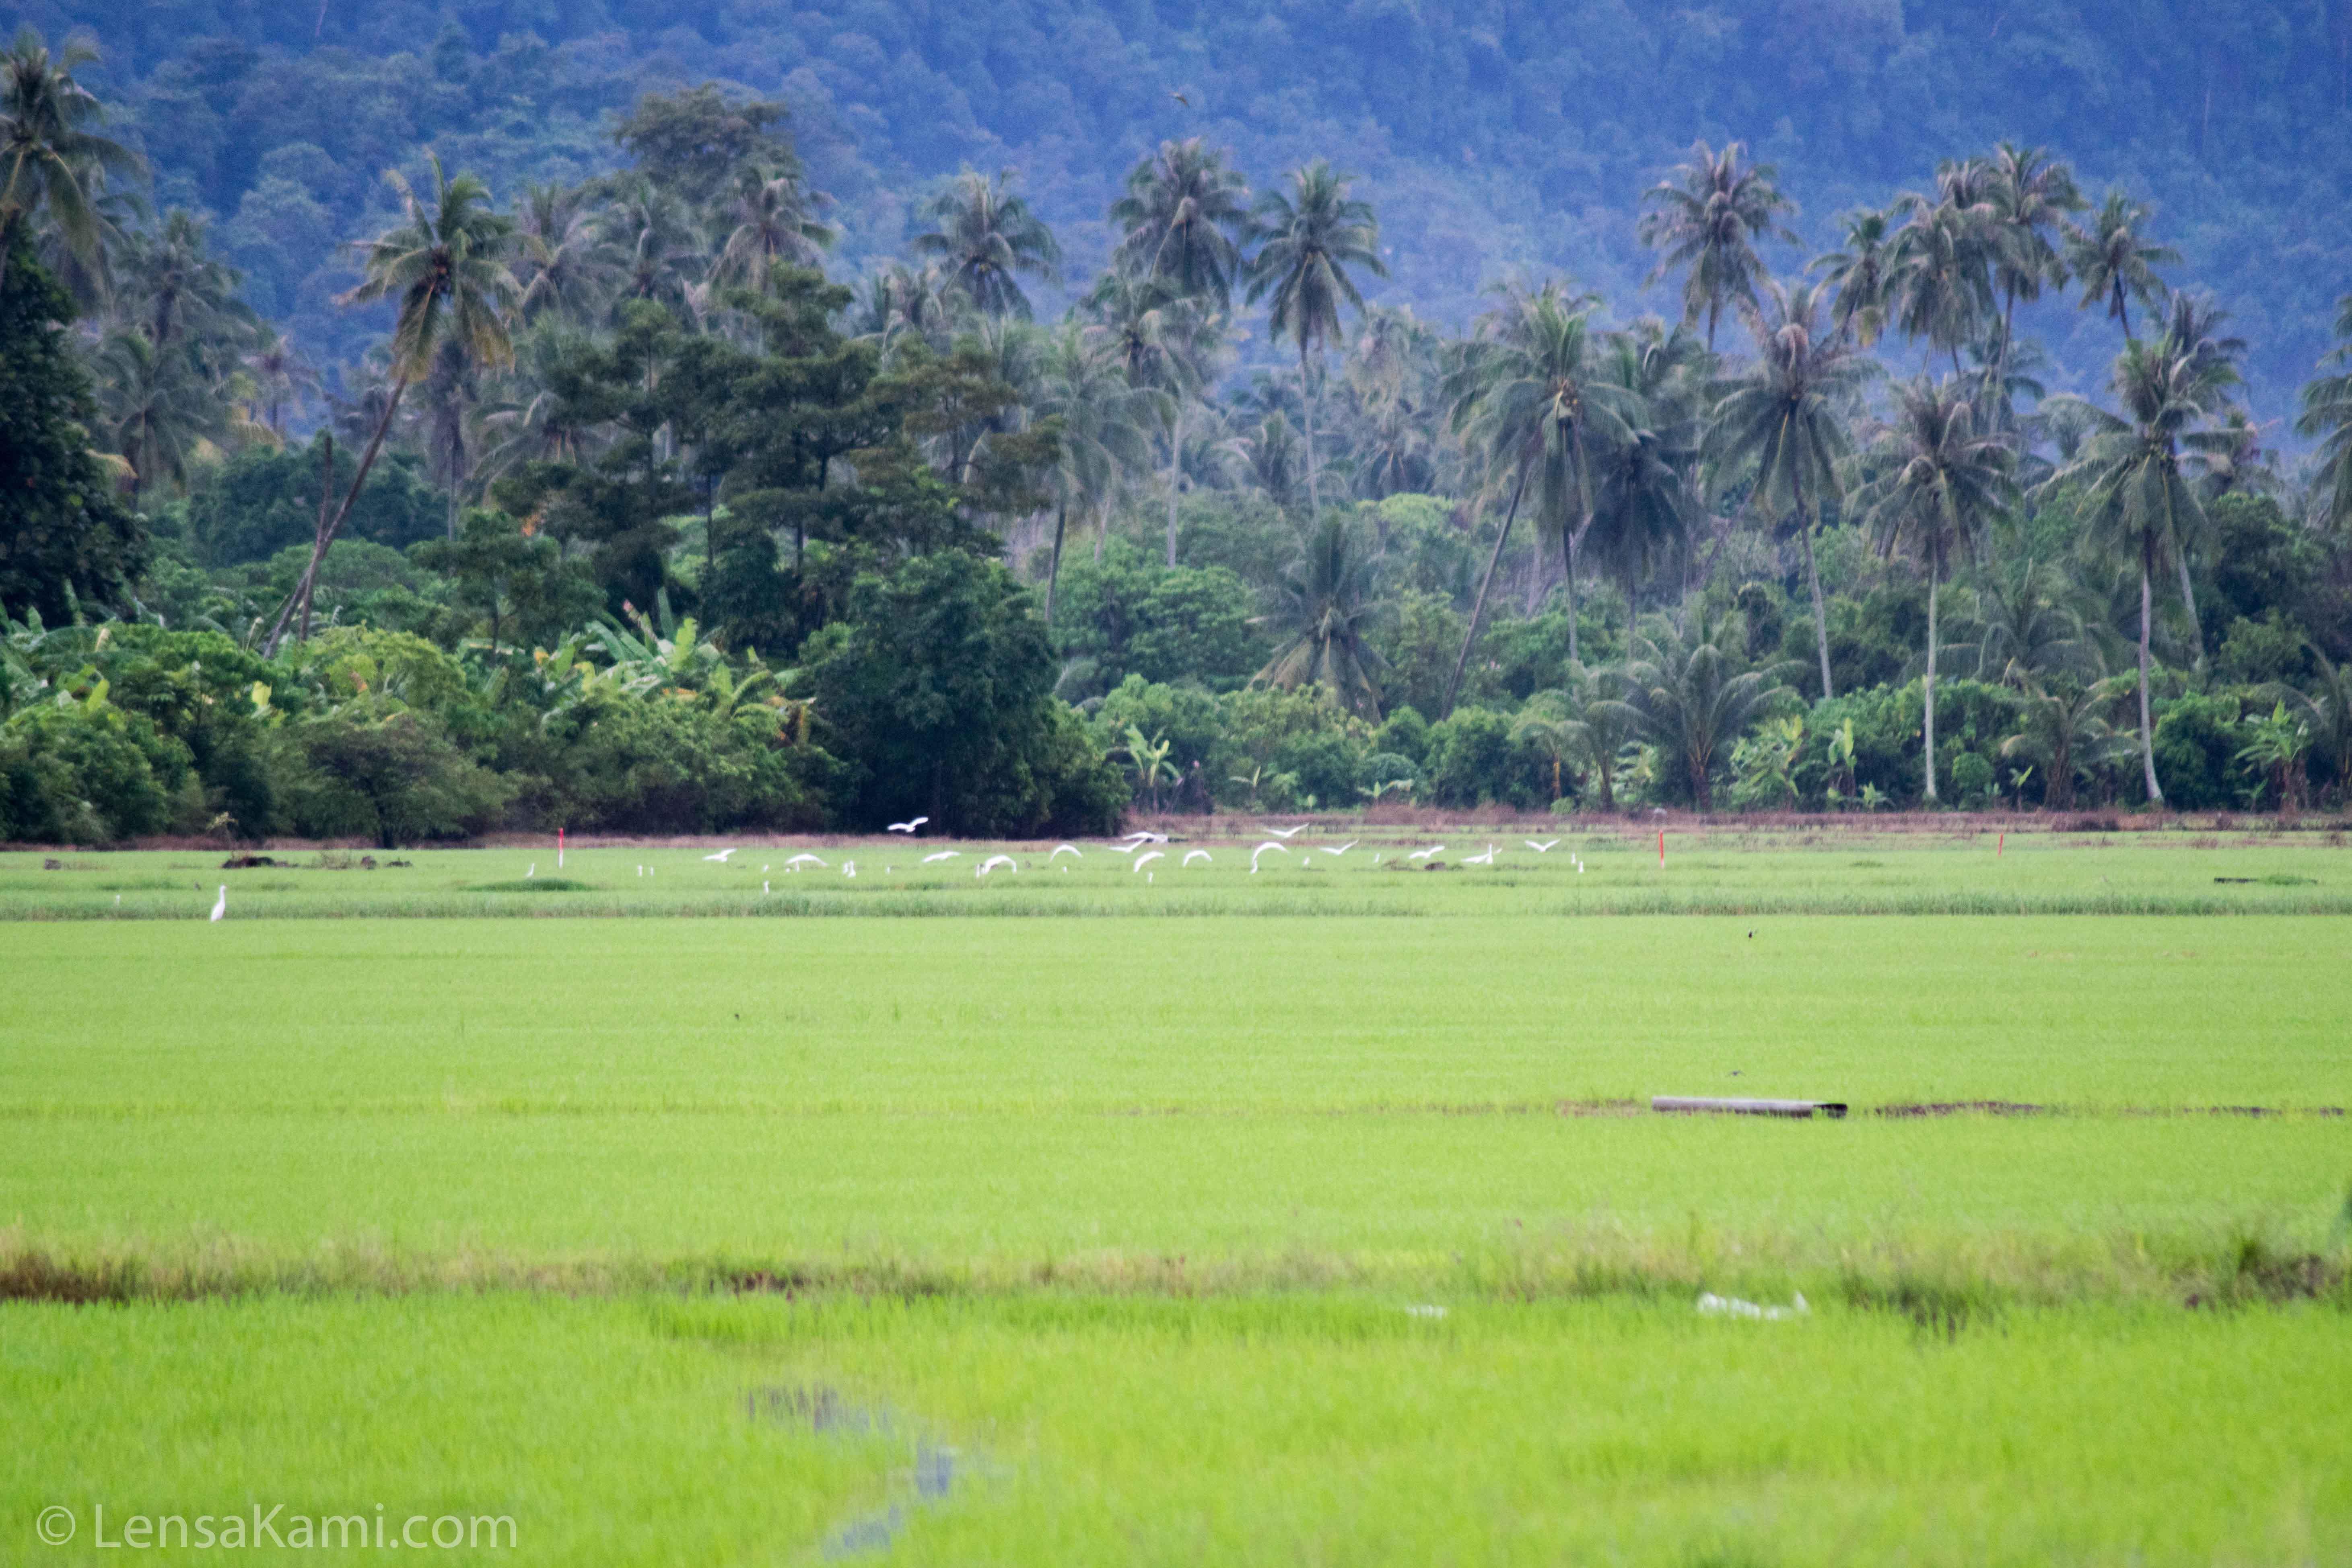 Kelihatan sekawan burung berterbangan di kawasan sawah padi